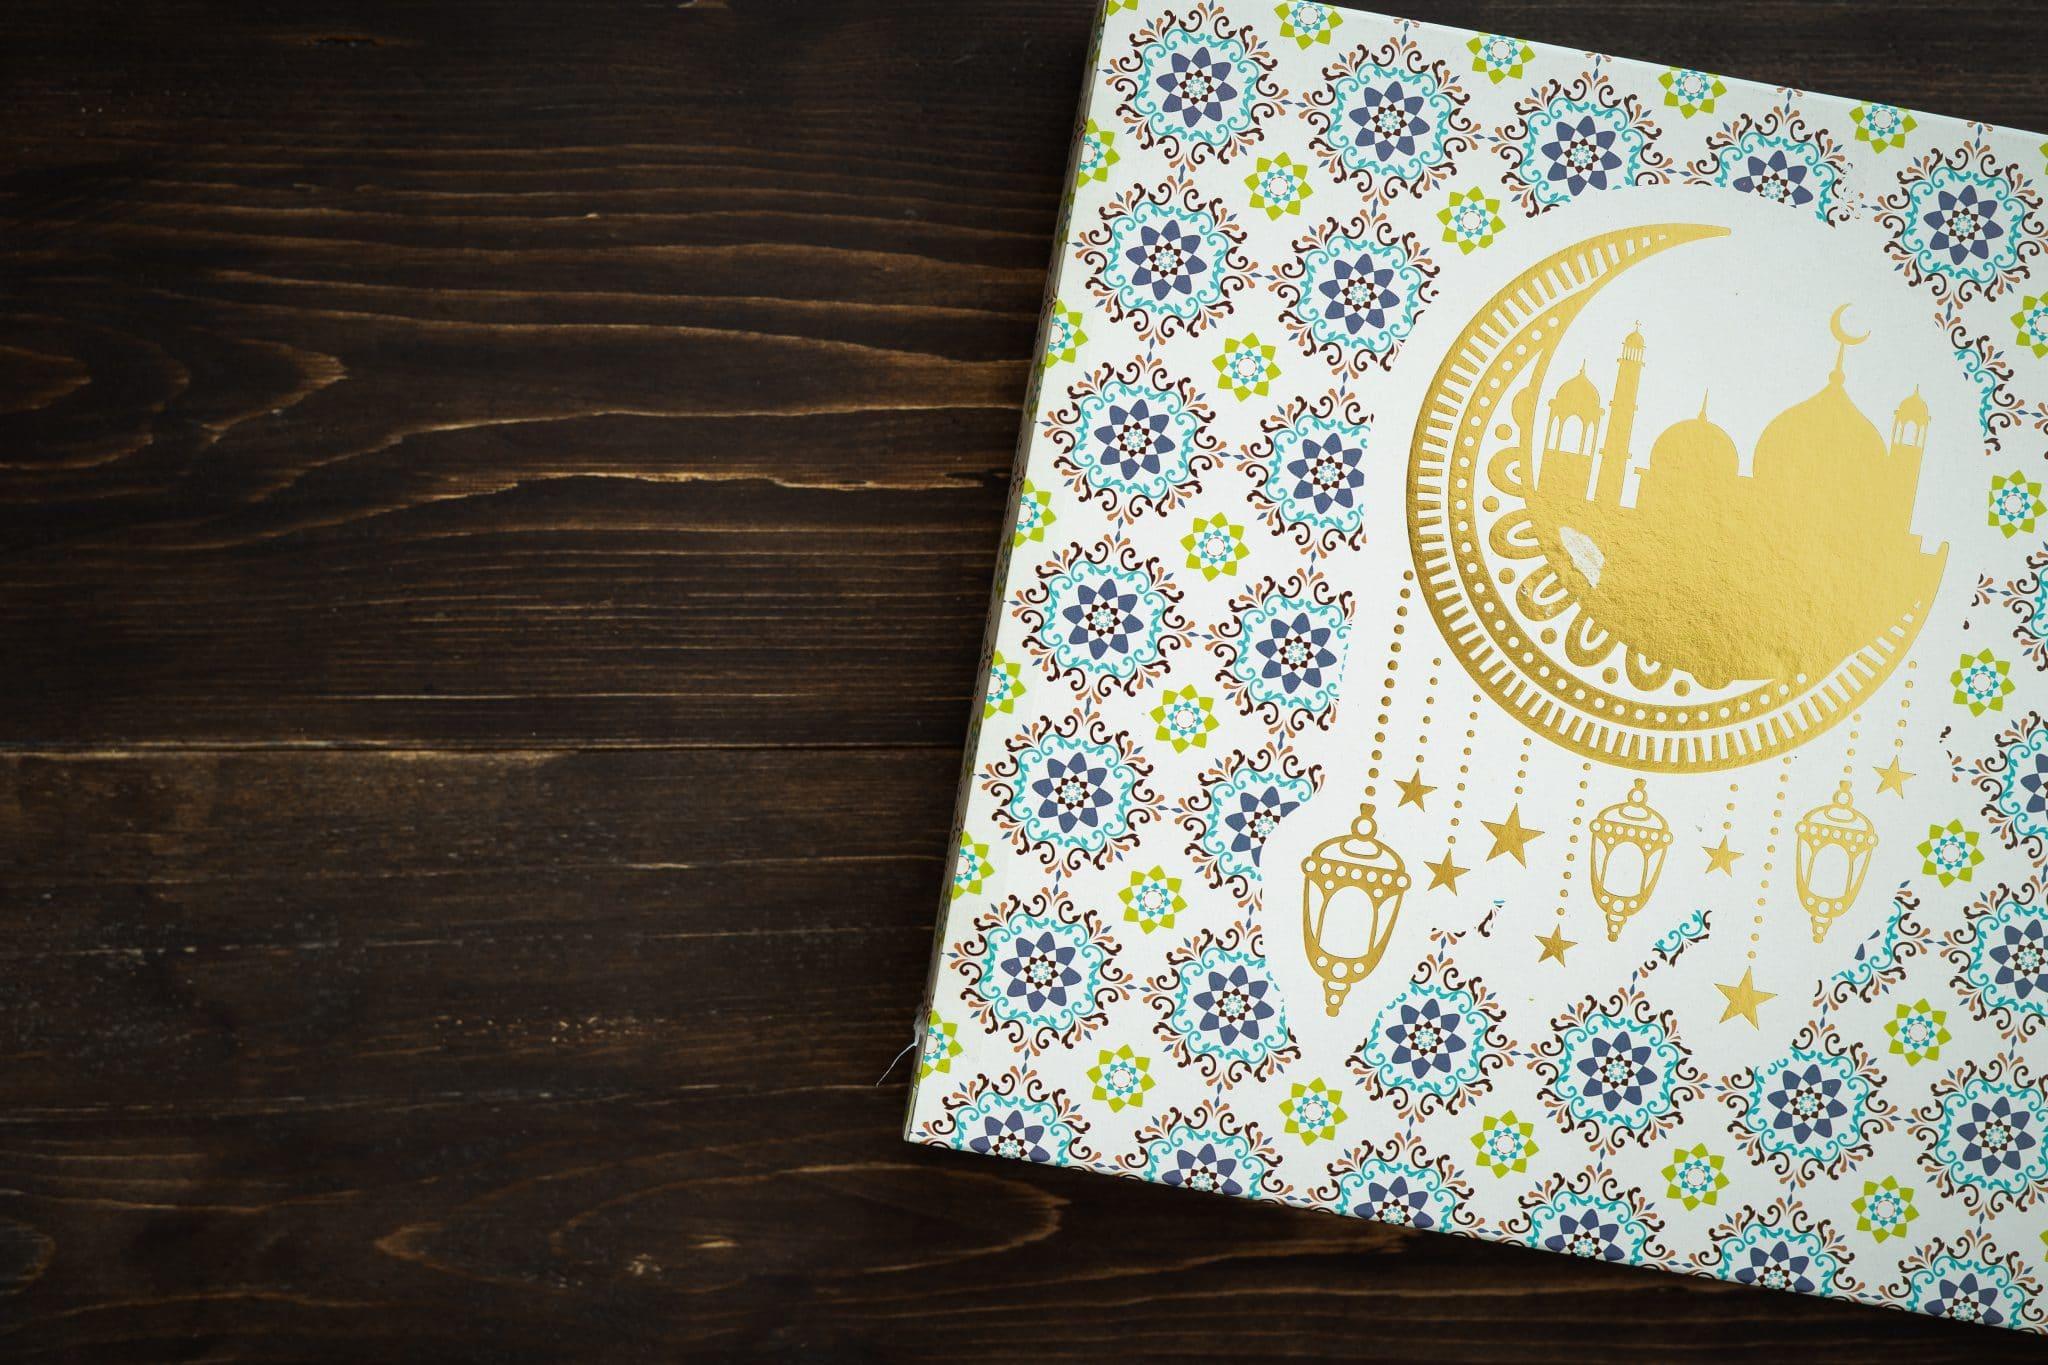 Promo Foto Produk Ramadhan - Shaniba Creative Industry - Atribut Ramdhan untuk Toko Online Anda